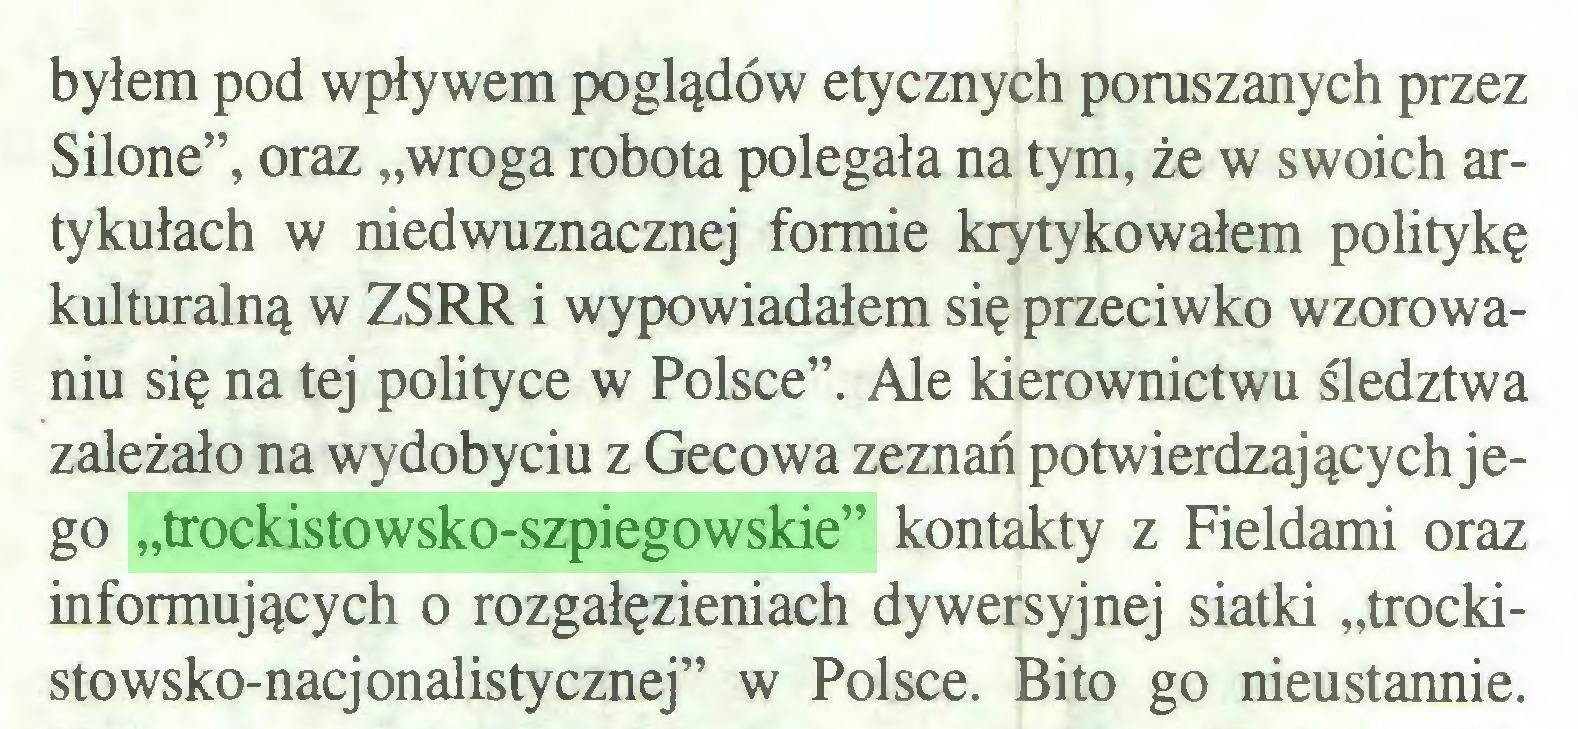 """(...) byłem pod wpływem poglądów etycznych poruszanych przez Silone"""", oraz """"wroga robota polegała na tym, że w swoich artykułach w niedwuznacznej formie krytykowałem politykę kulturalną w ZSRR i wypowiadałem się przeciwko wzorowaniu się na tej polityce w Polsce"""". Ale kierownictwu śledztwa zależało na wydobyciu z Gecowa zeznań potwierdzających jego """"trockistowsko-szpiegowskie"""" kontakty z Fieldami oraz informujących o rozgałęzieniach dywersyjnej siatki """"trockisto wsko-nacjonalistycznej"""" w Polsce. Bito go nieustannie..."""